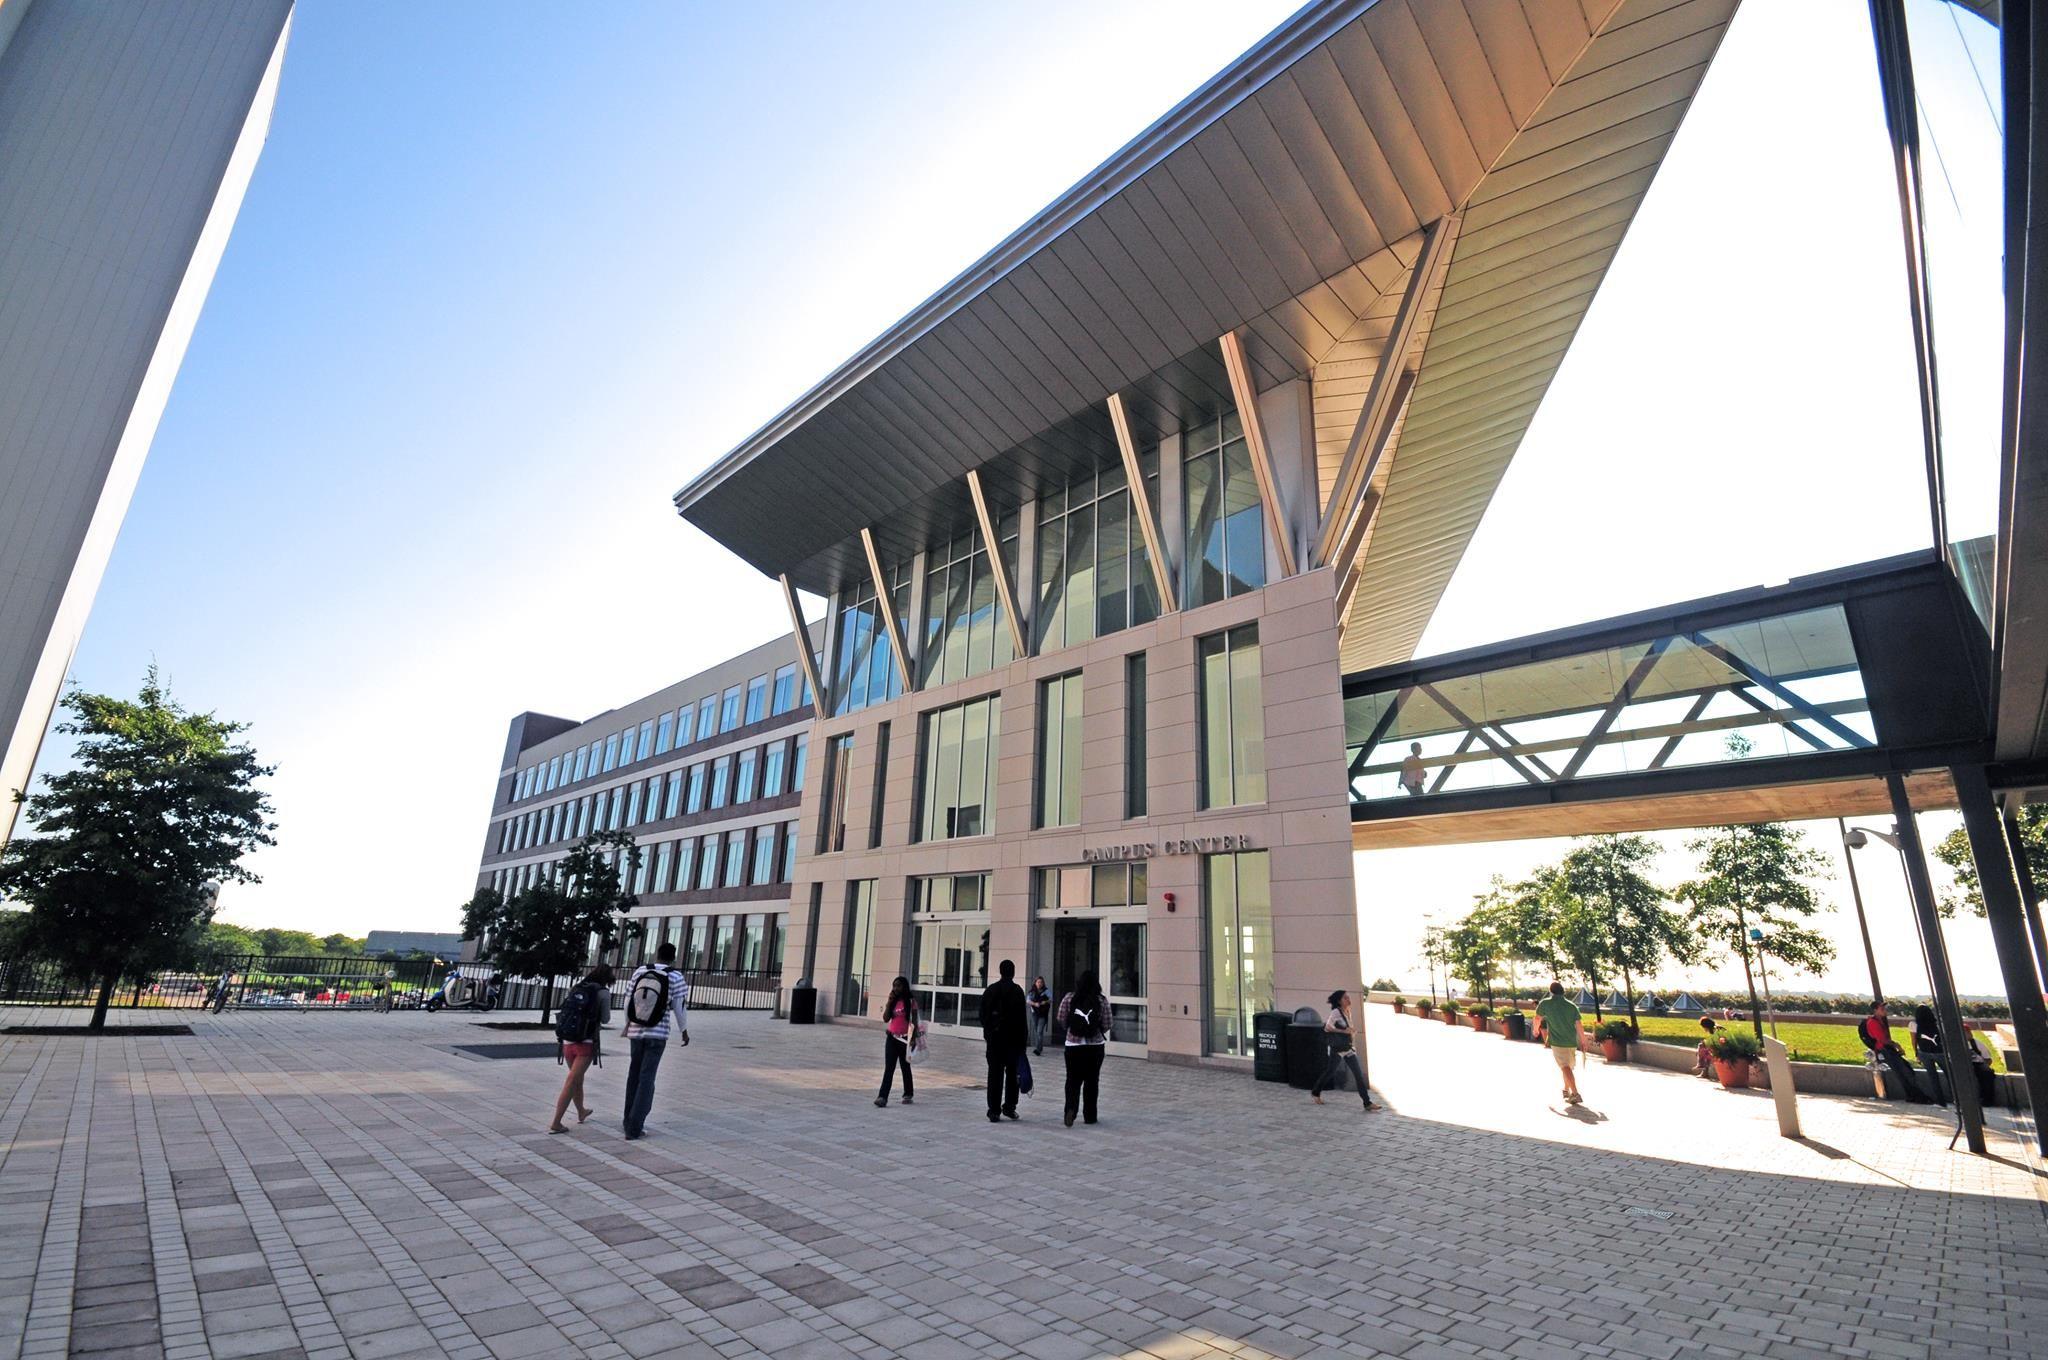 Photo of main building at UMass Boston